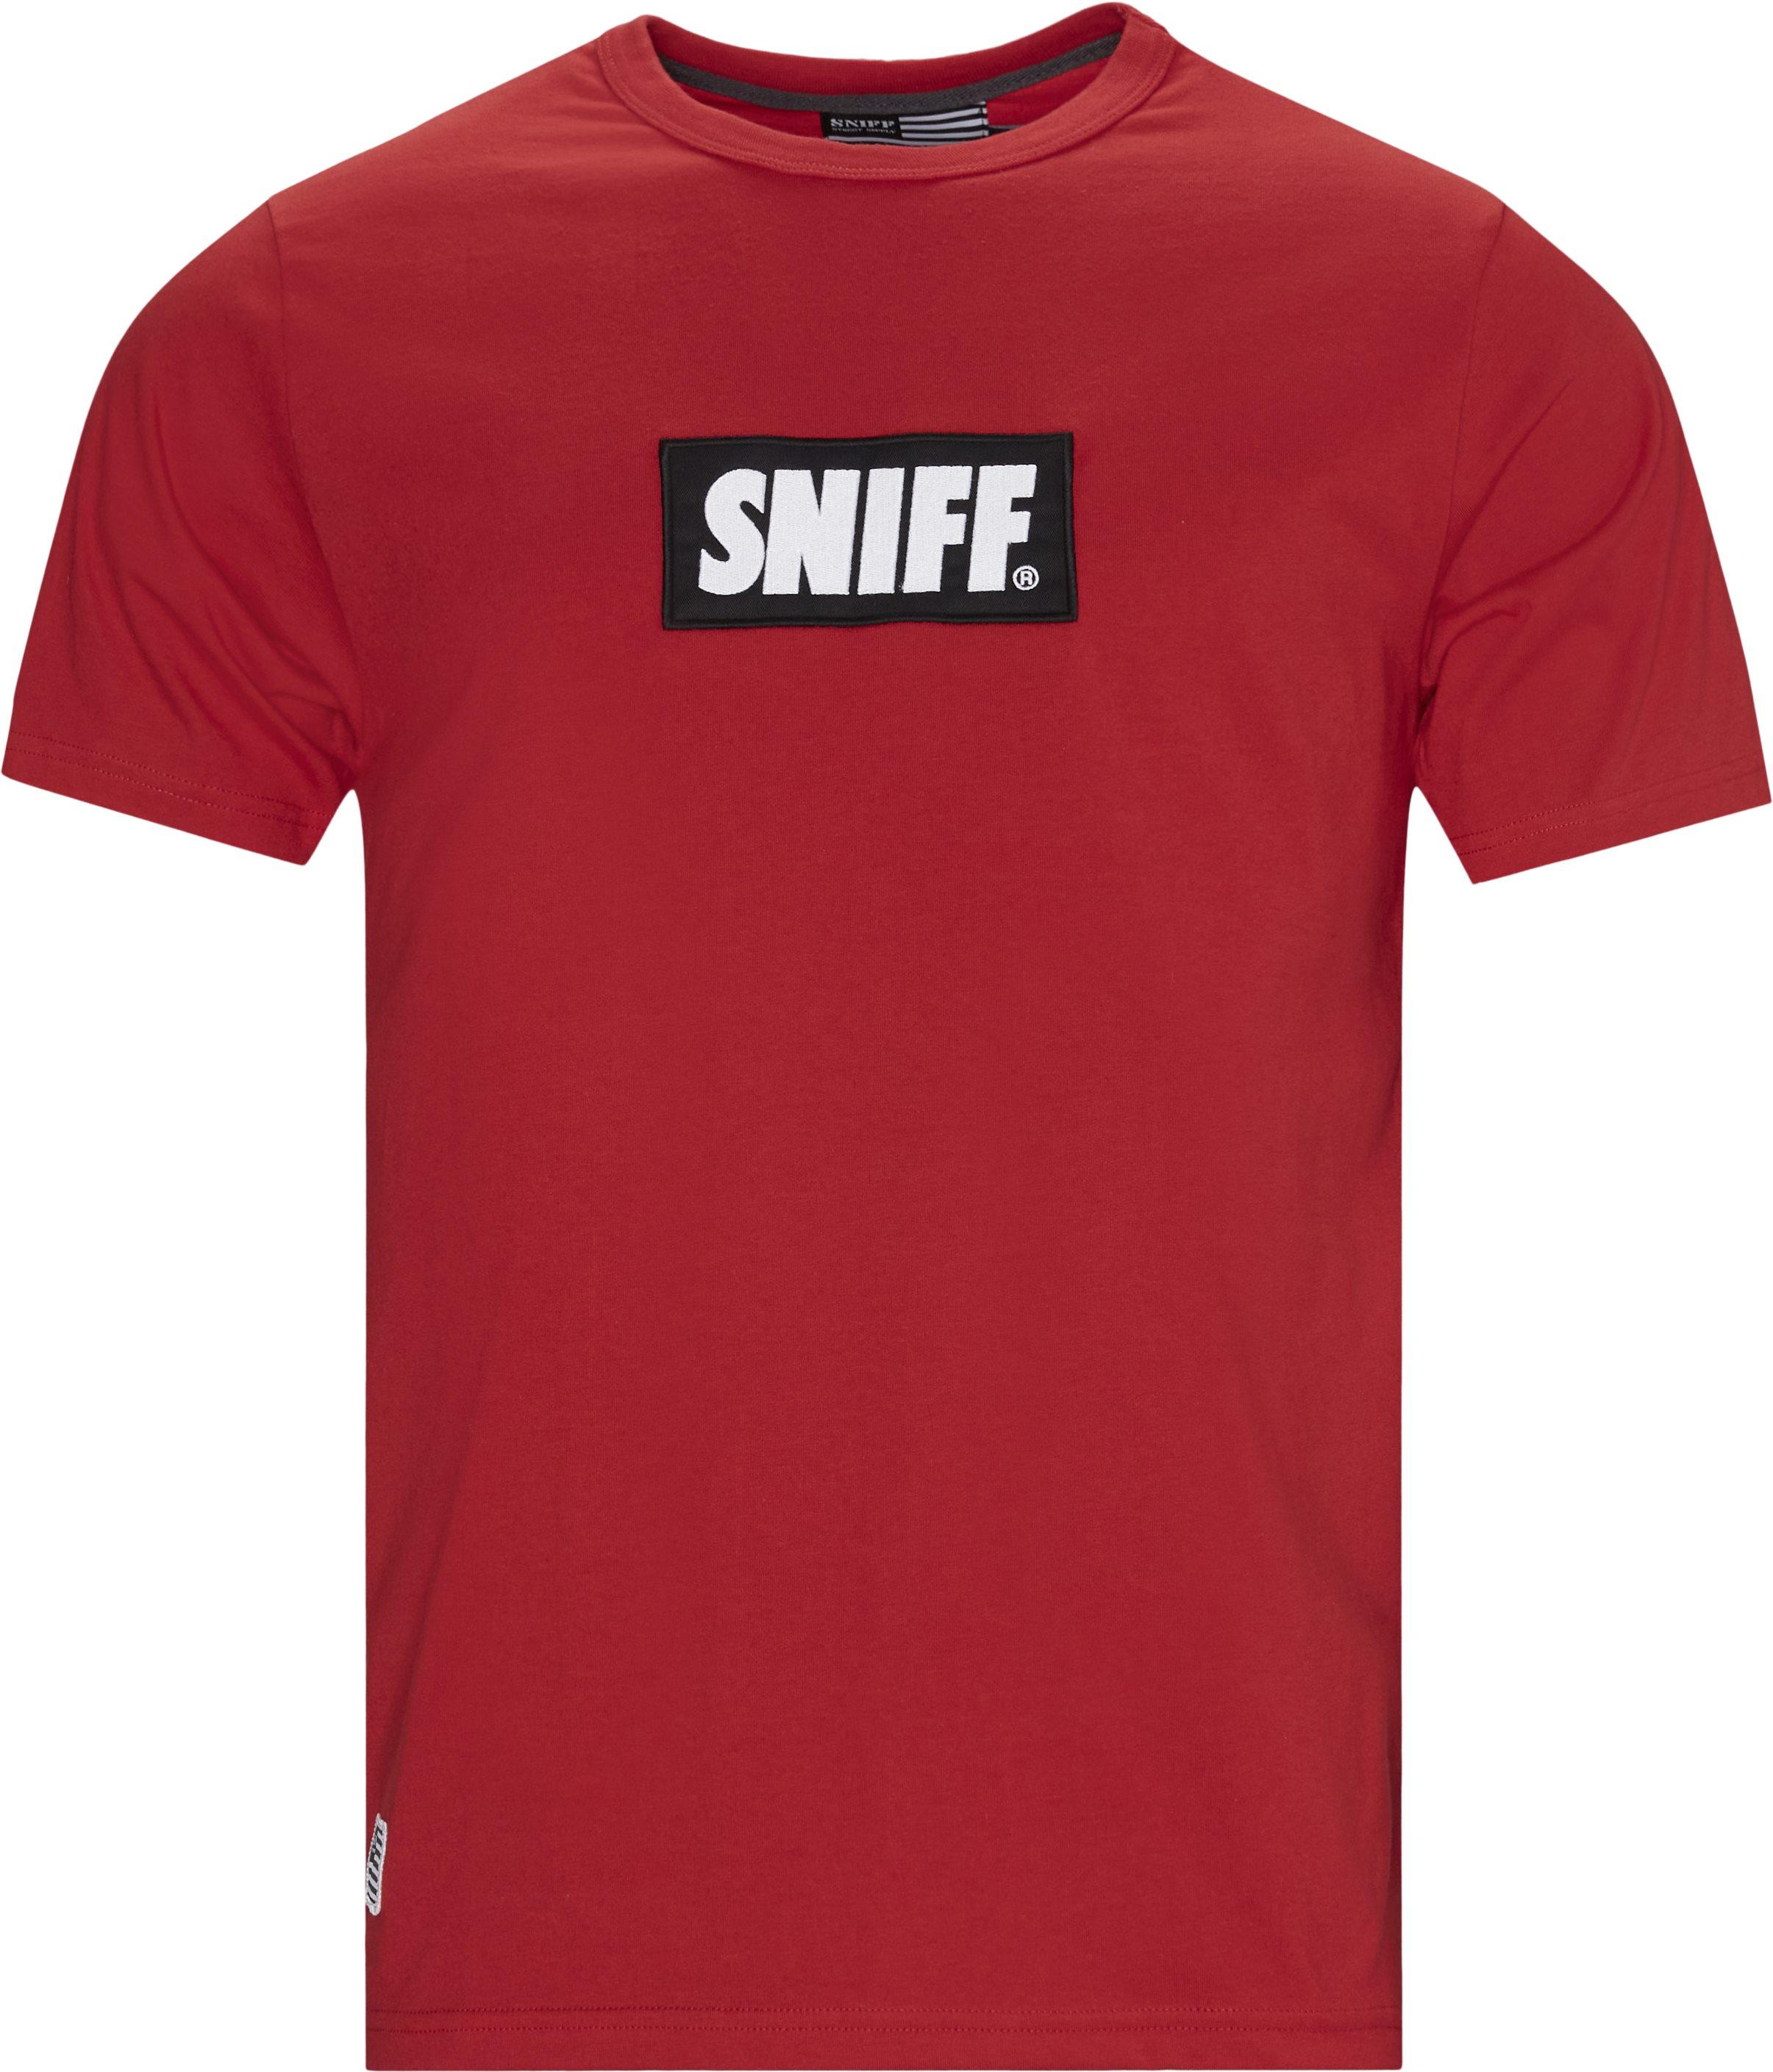 Taos Tee - T-shirts - Regular - Röd